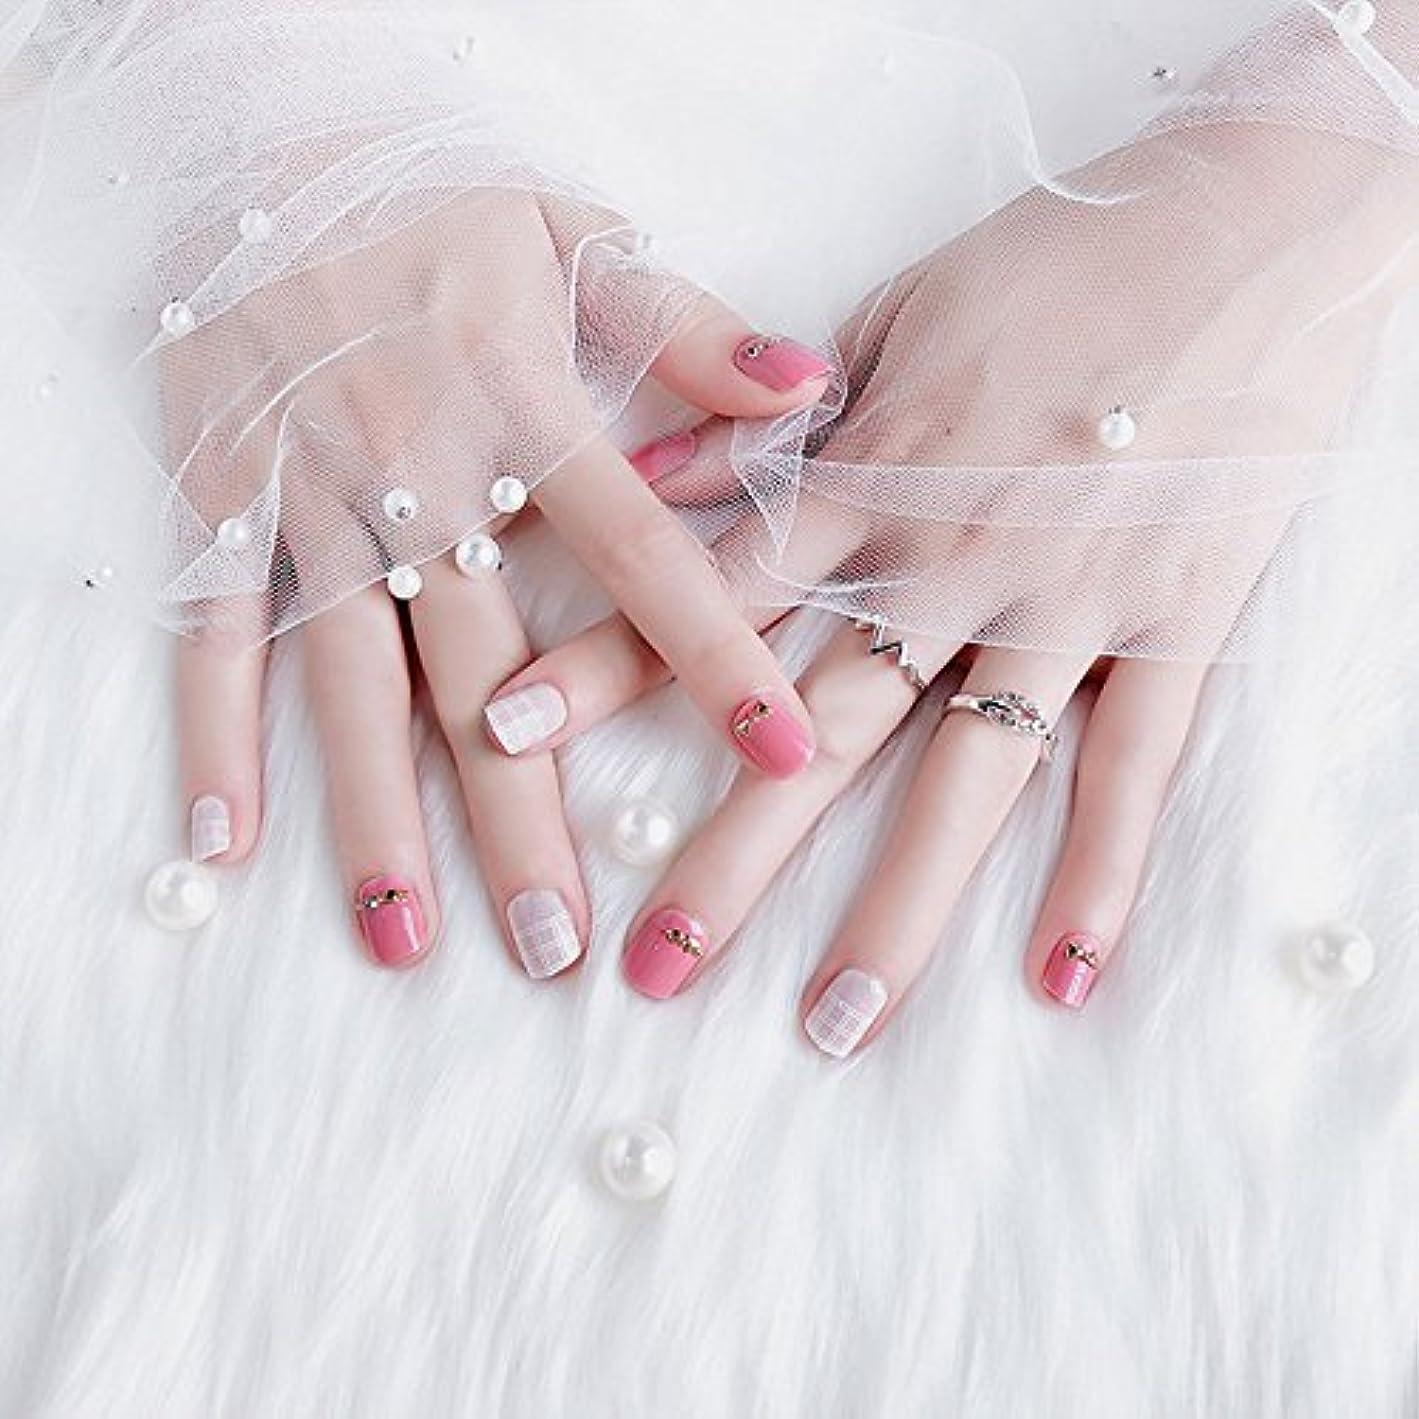 ラリーベルモント電話ふざけたおしゃれなネイルチップ 短いさネイルチップ 複数のスタイル 24枚入 結婚式、パーティー、二次会などに ネイルアート 手作りネイルチップ 両面接着テープ付き (ピンク)